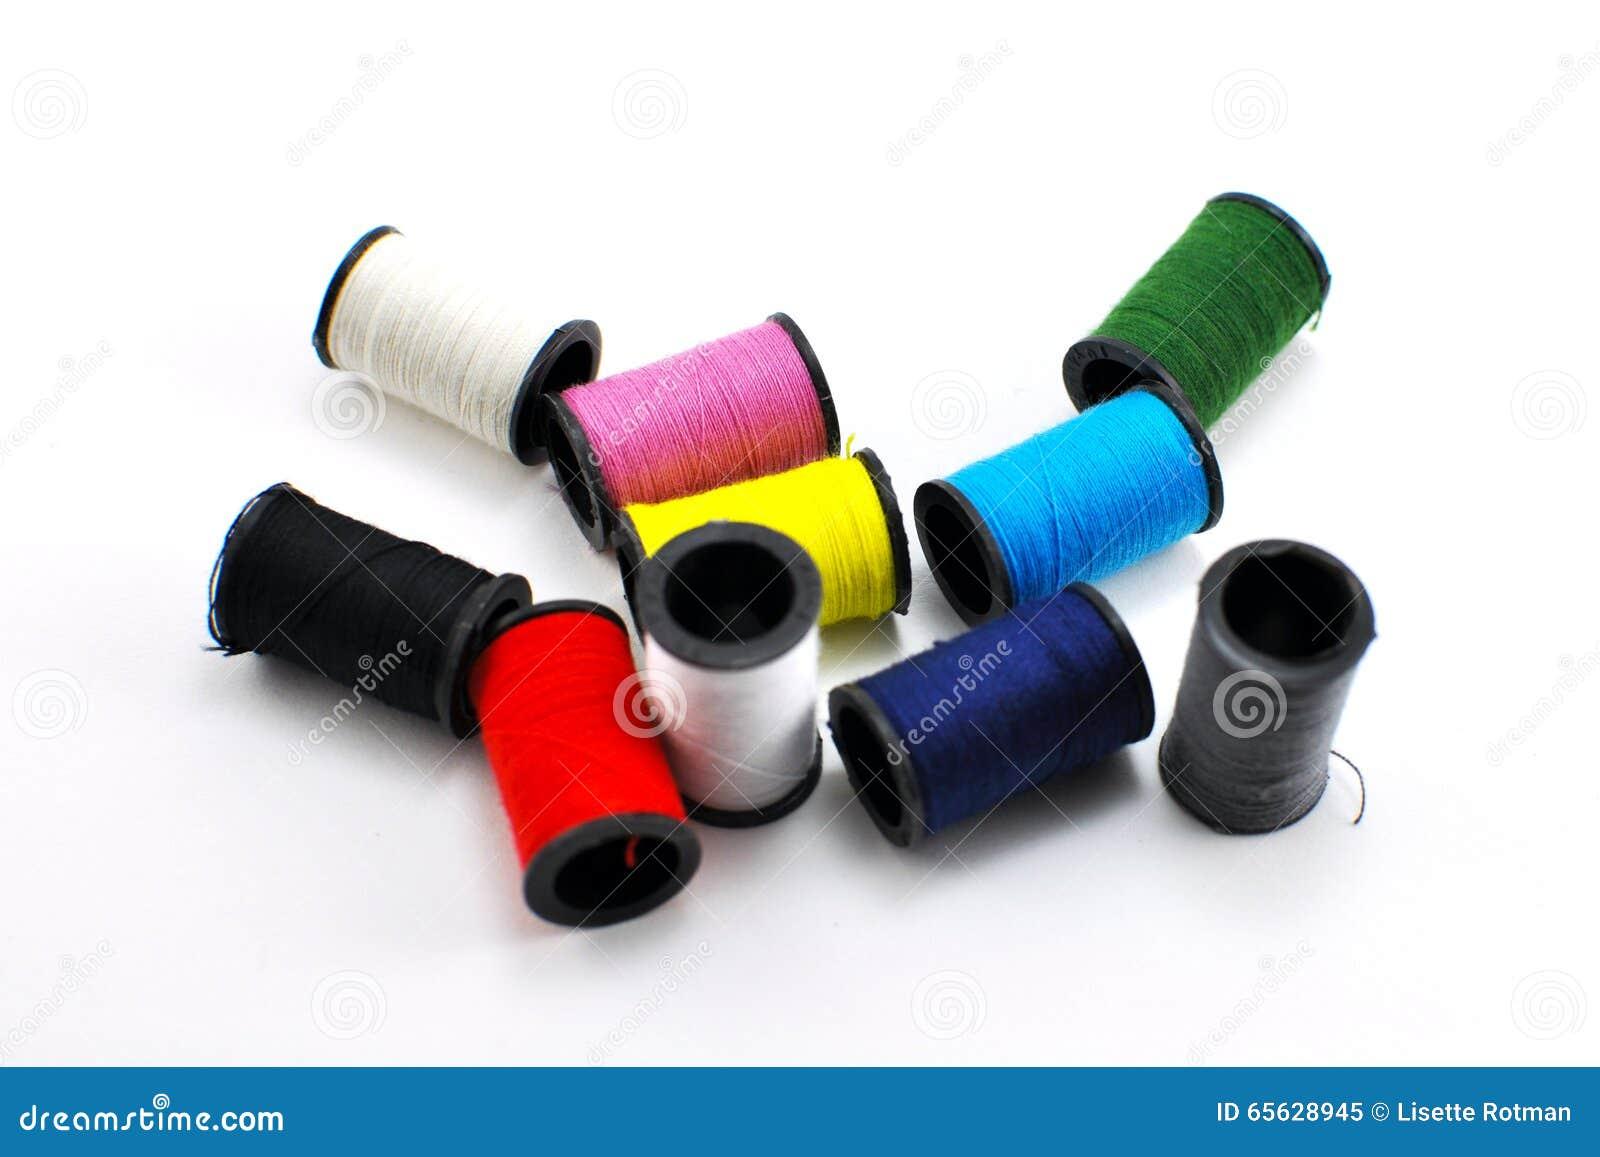 Bobines miniatures du fil de diverses couleurs